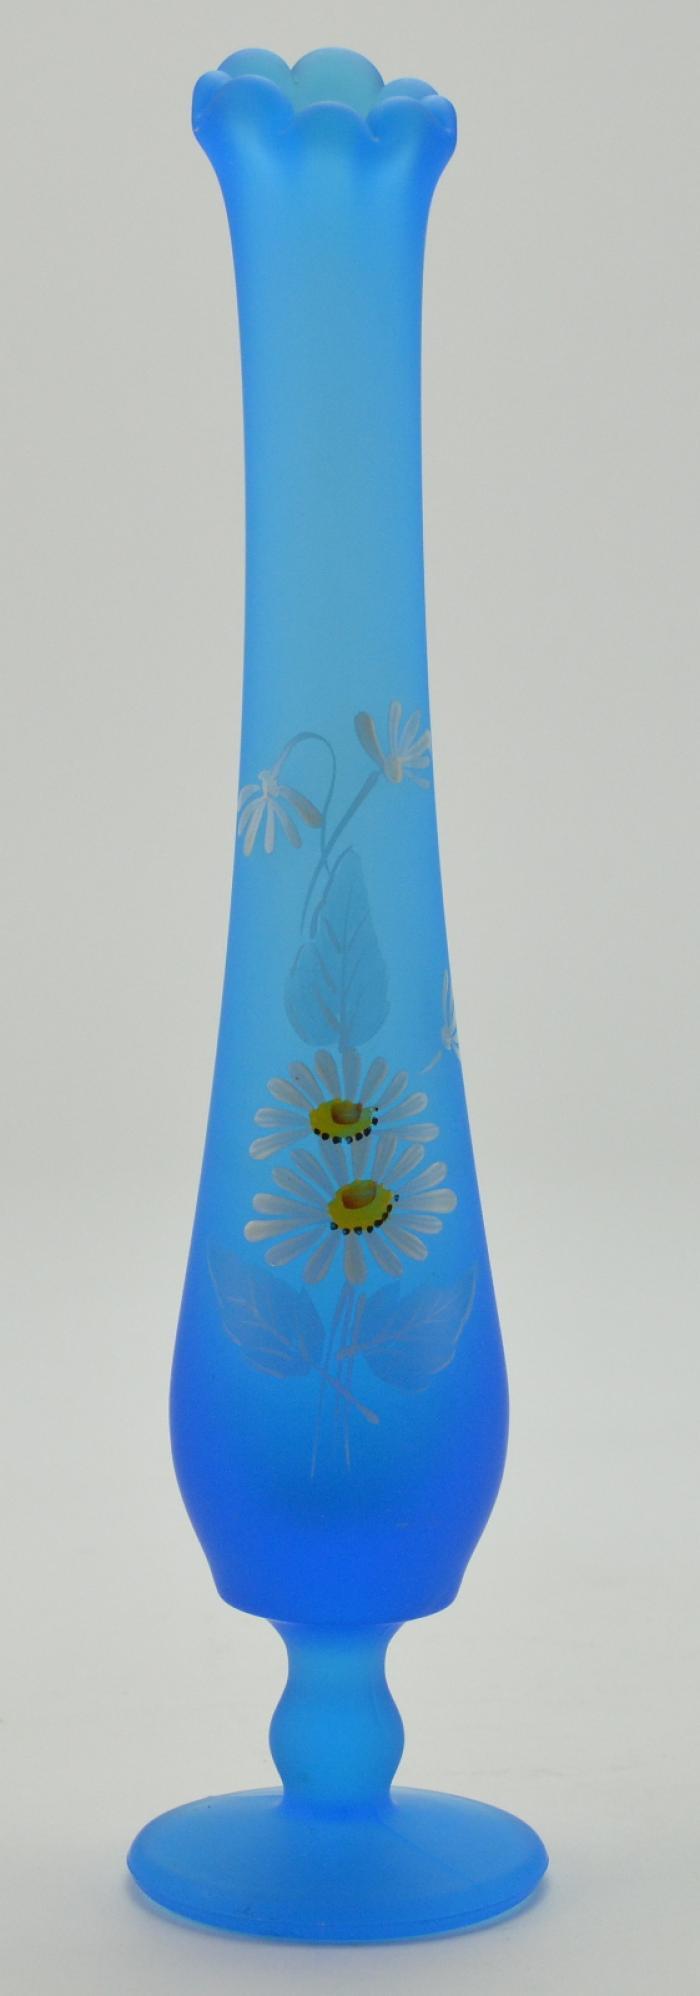 cobalt blue bud vase of blue glass bud vase vase and cellar image avorcor com with blue gl bud vase and cellar image avorcor